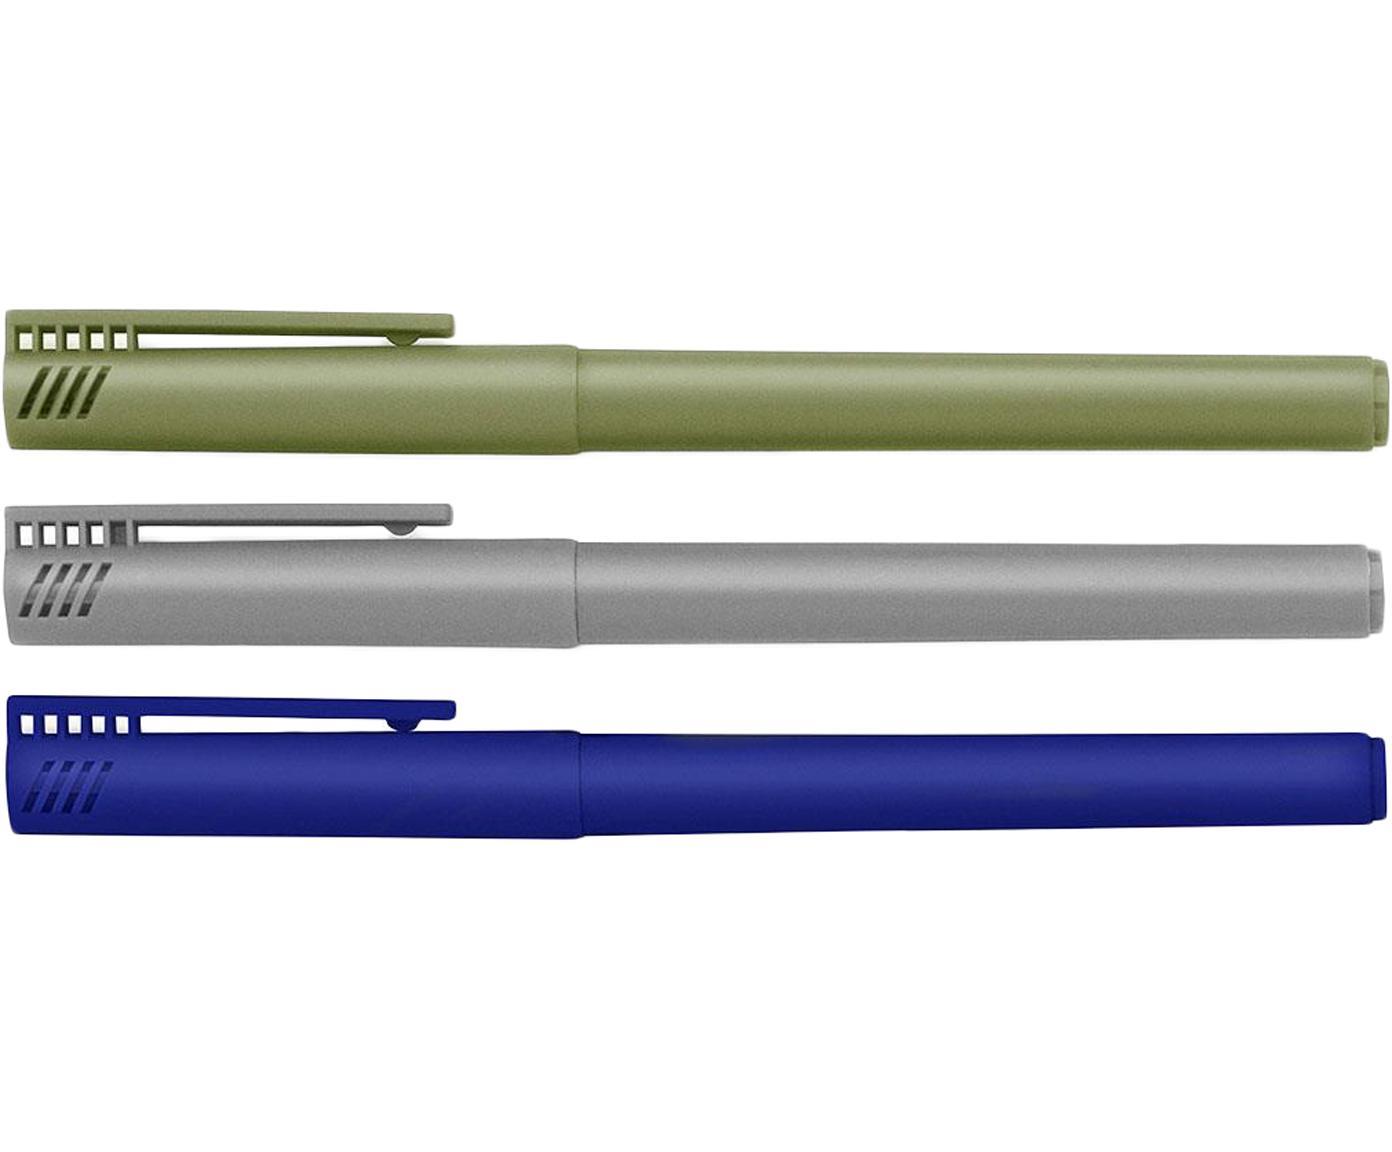 Komplet cienkopisów Mix, 3 elem., Tworzywo sztuczne, Niebieski, szary, zielony, D 14 cm